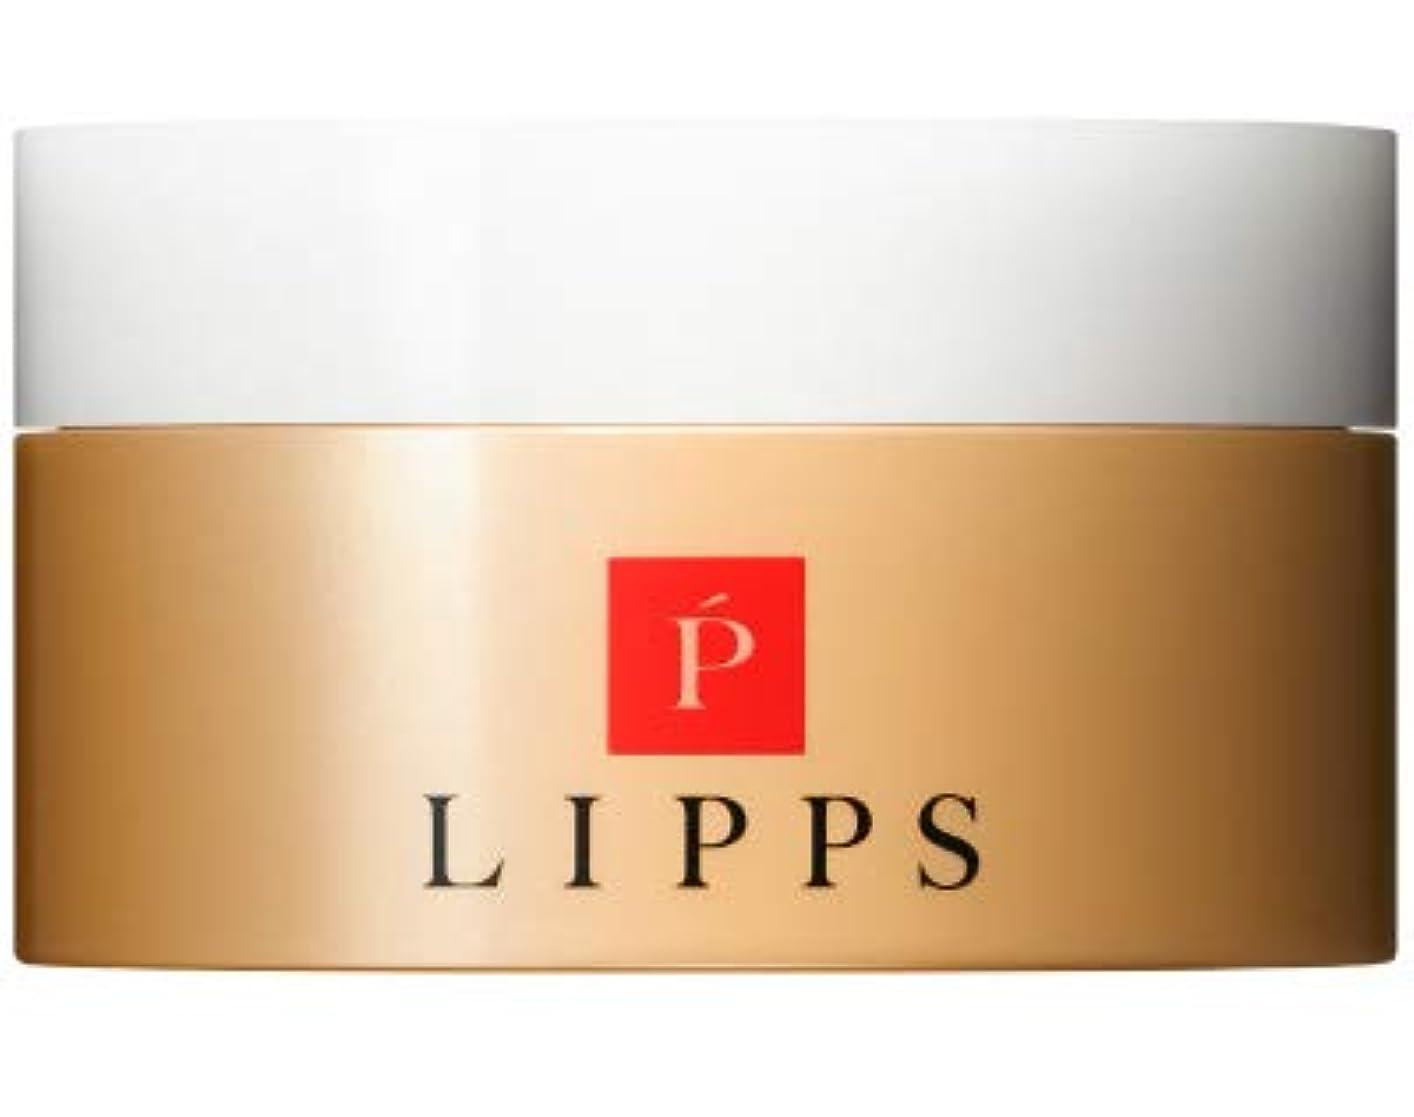 荒涼とした生き残り博覧会【ふわっと動く×自由自在な束感】LIPPS L12フリーキープワックス (85g)